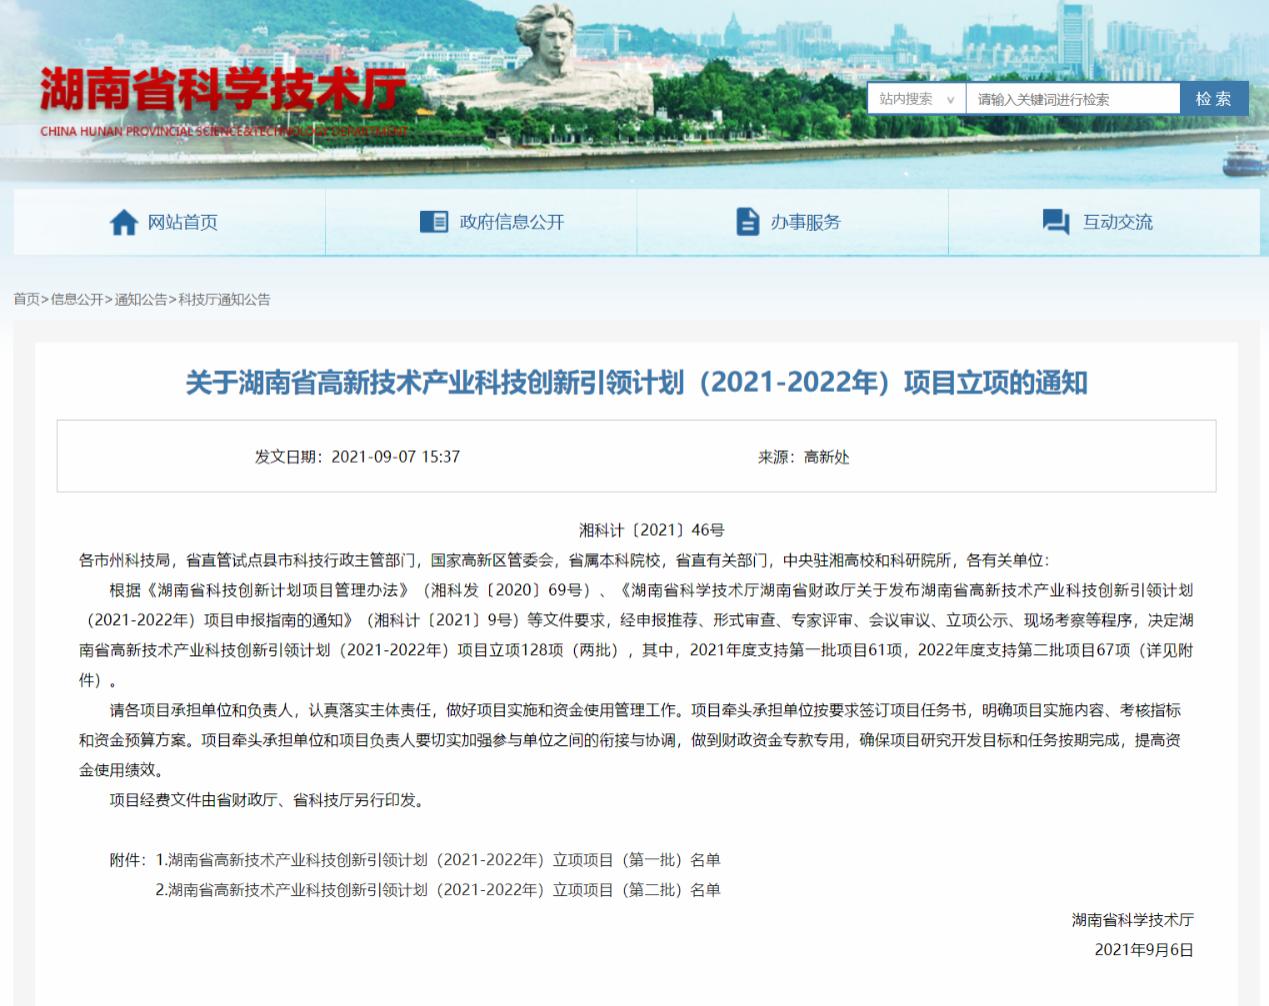 【喜讯】子公司天桥嘉成获湖南省高新技术产业科技创新引领计划立项!